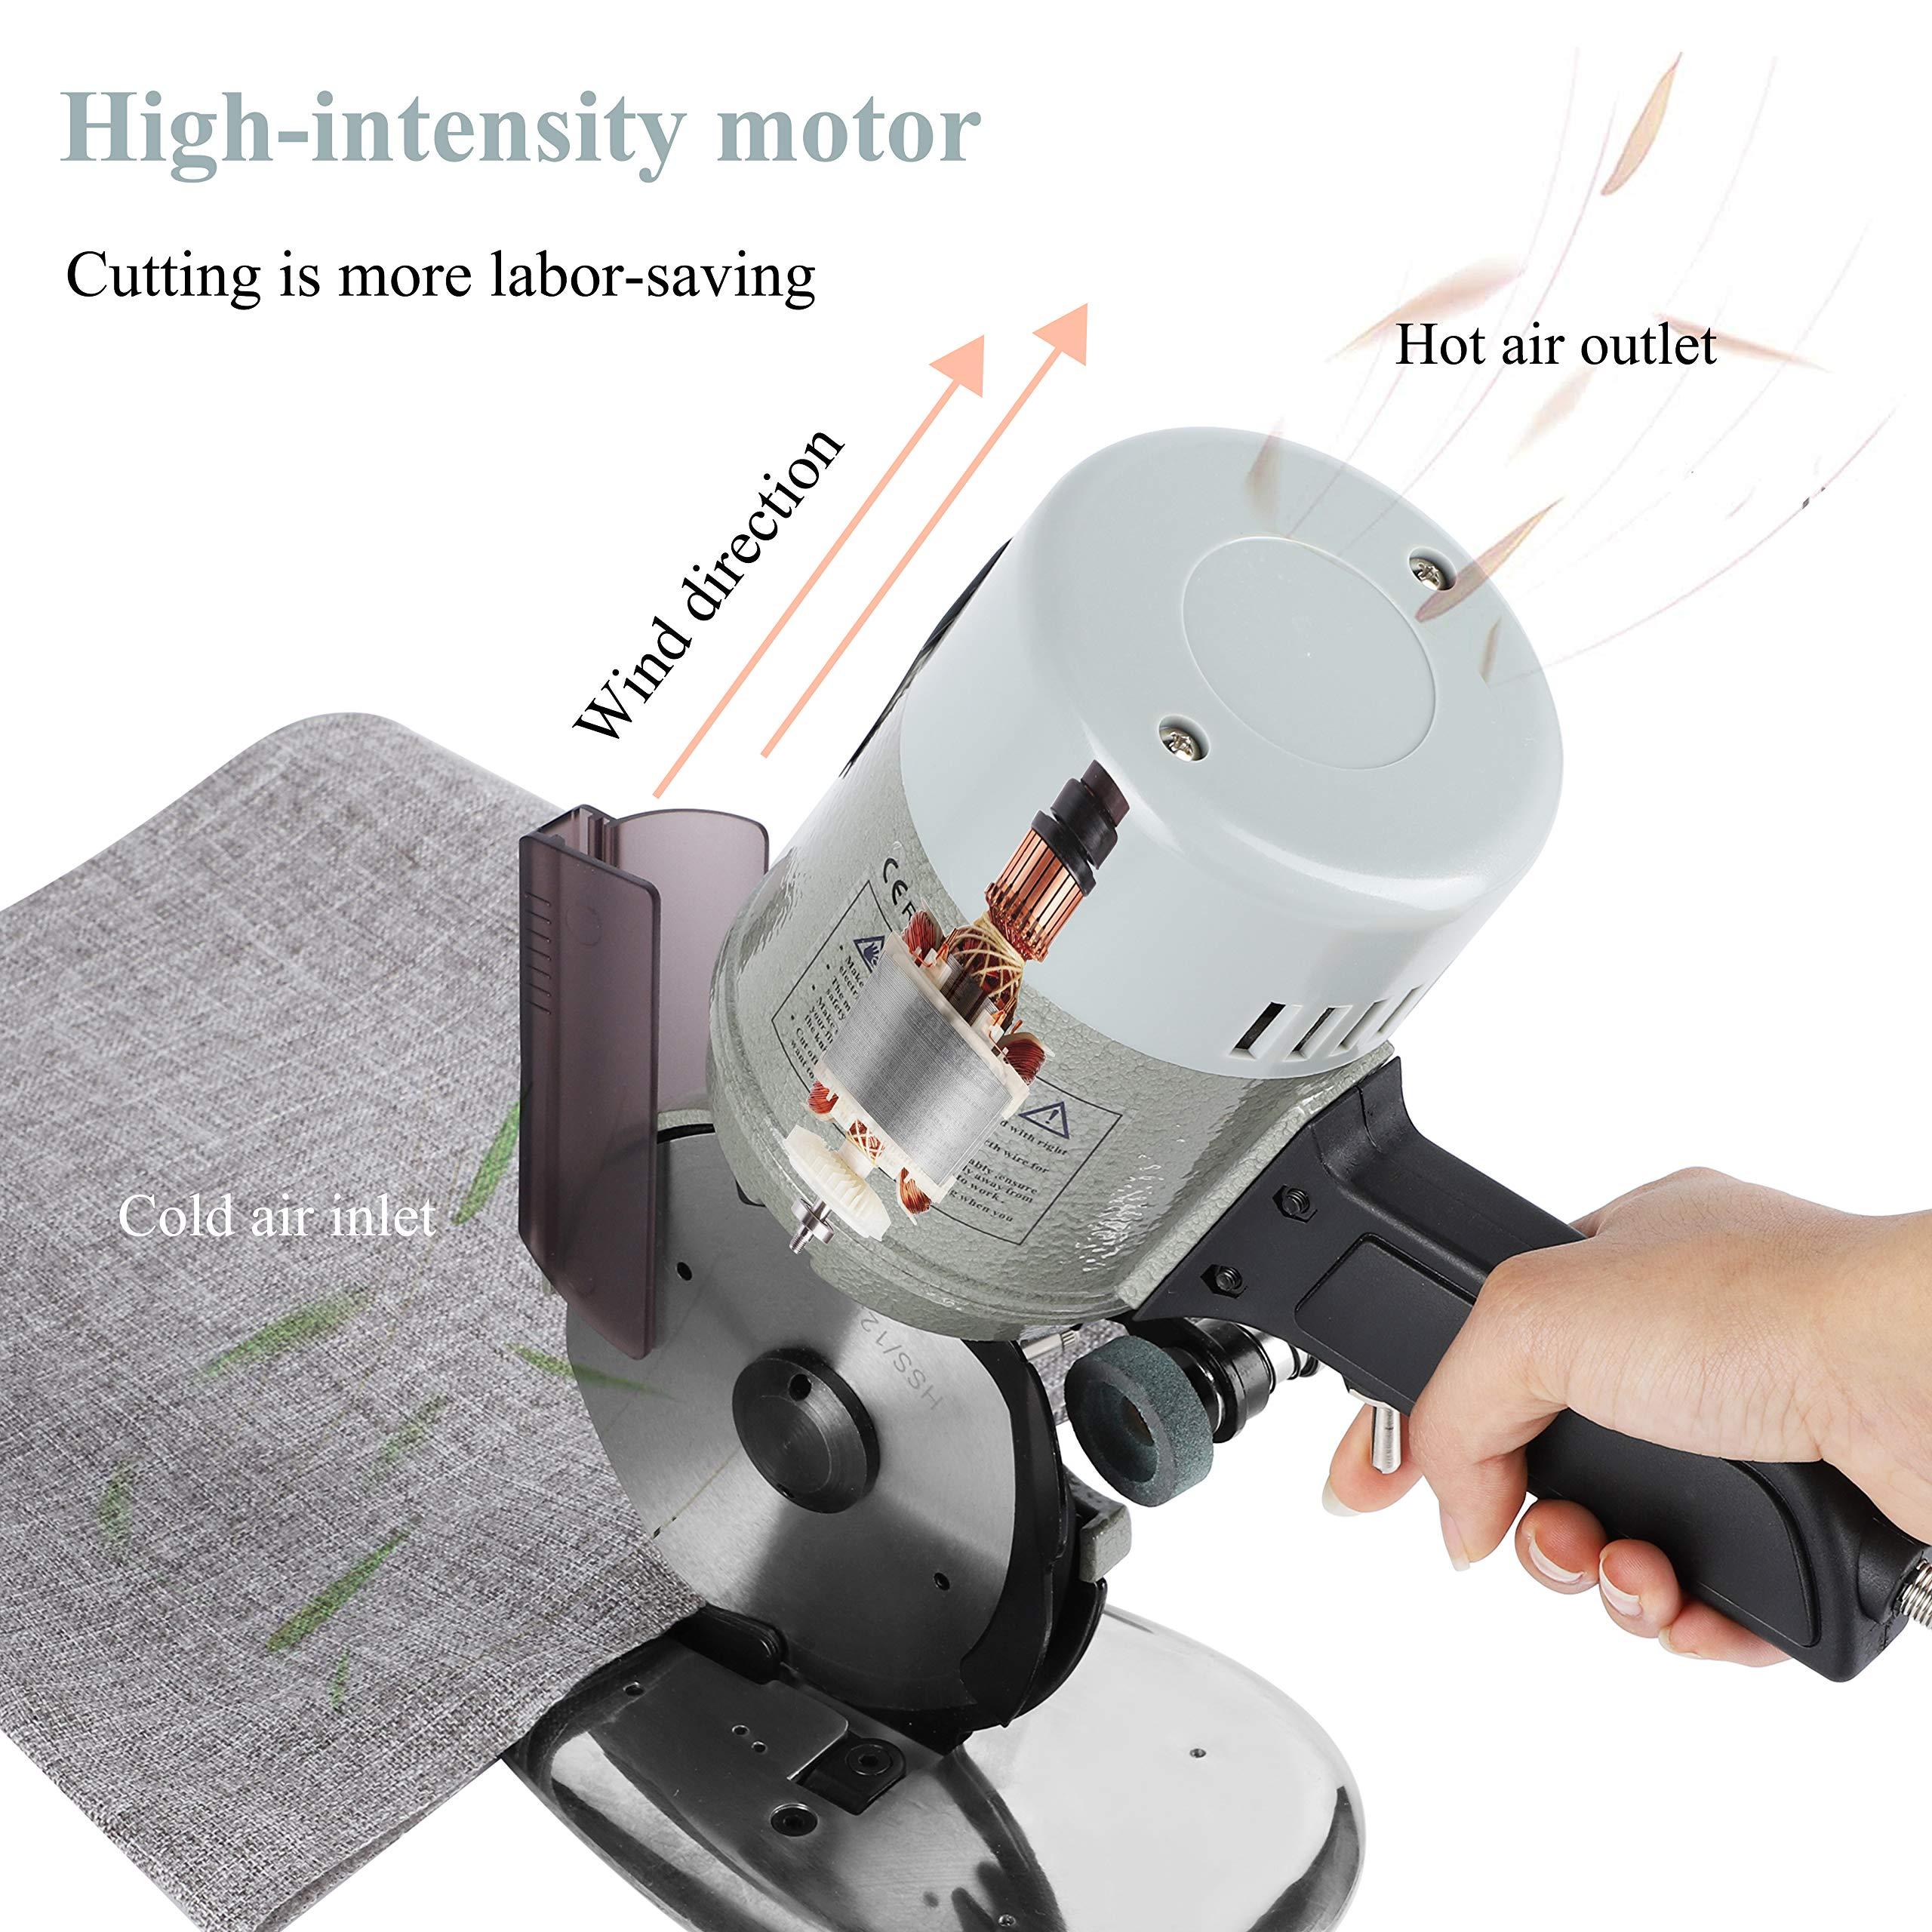 CGOLDENWALL YJ-50 Cortador de Tela Industrial丨20mm Grosor M/áximo de Corte丨Corte Perfecto de Curvas丨Ideal para Textil Cuero Papel con Cuchilla Repuesto